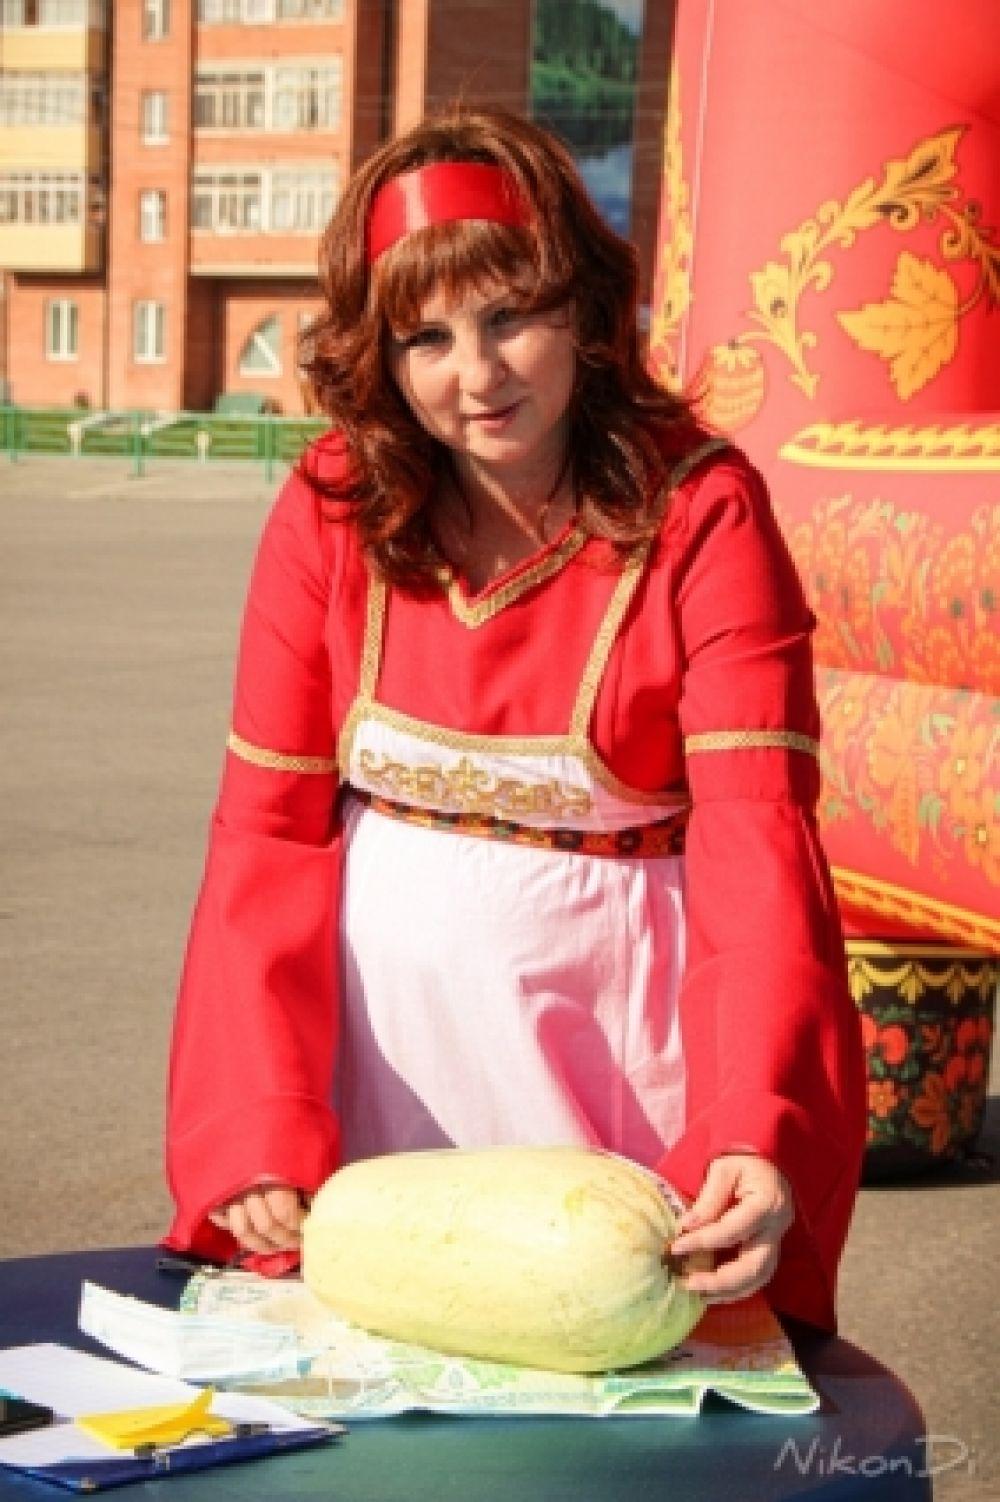 В рамках мероприятия прошёл конкурс на самый большой кабачок.